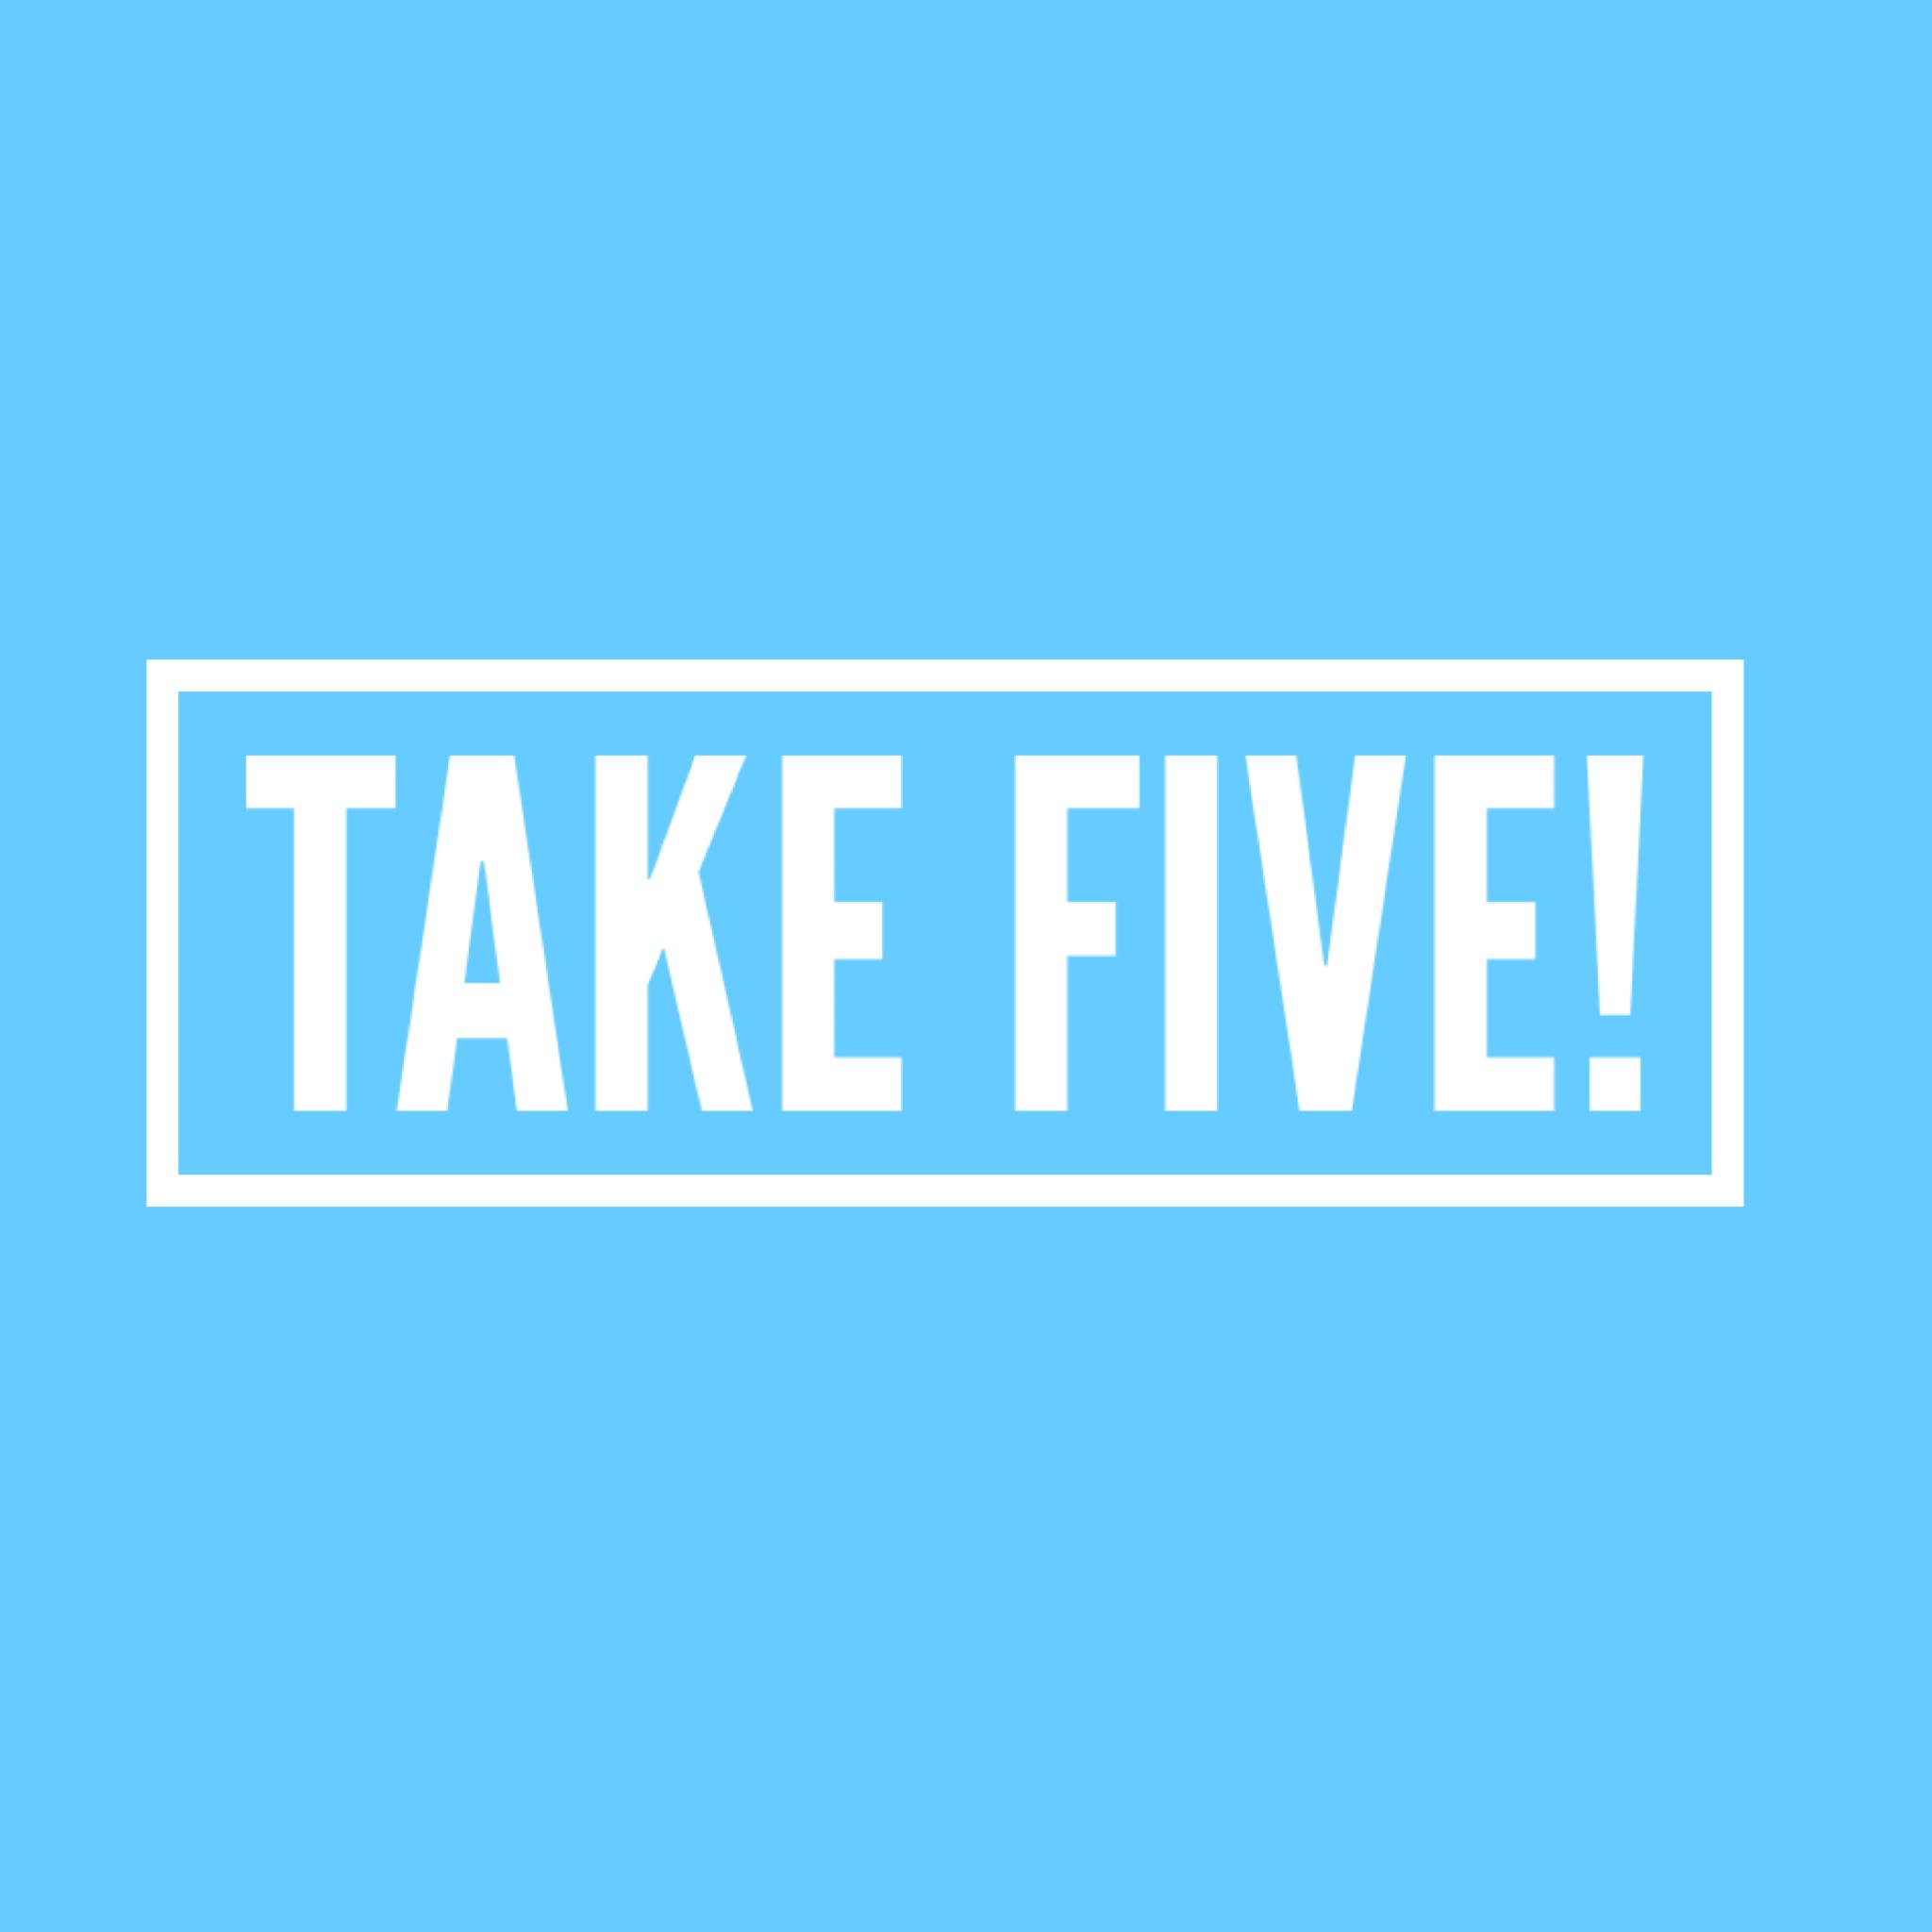 Take five!